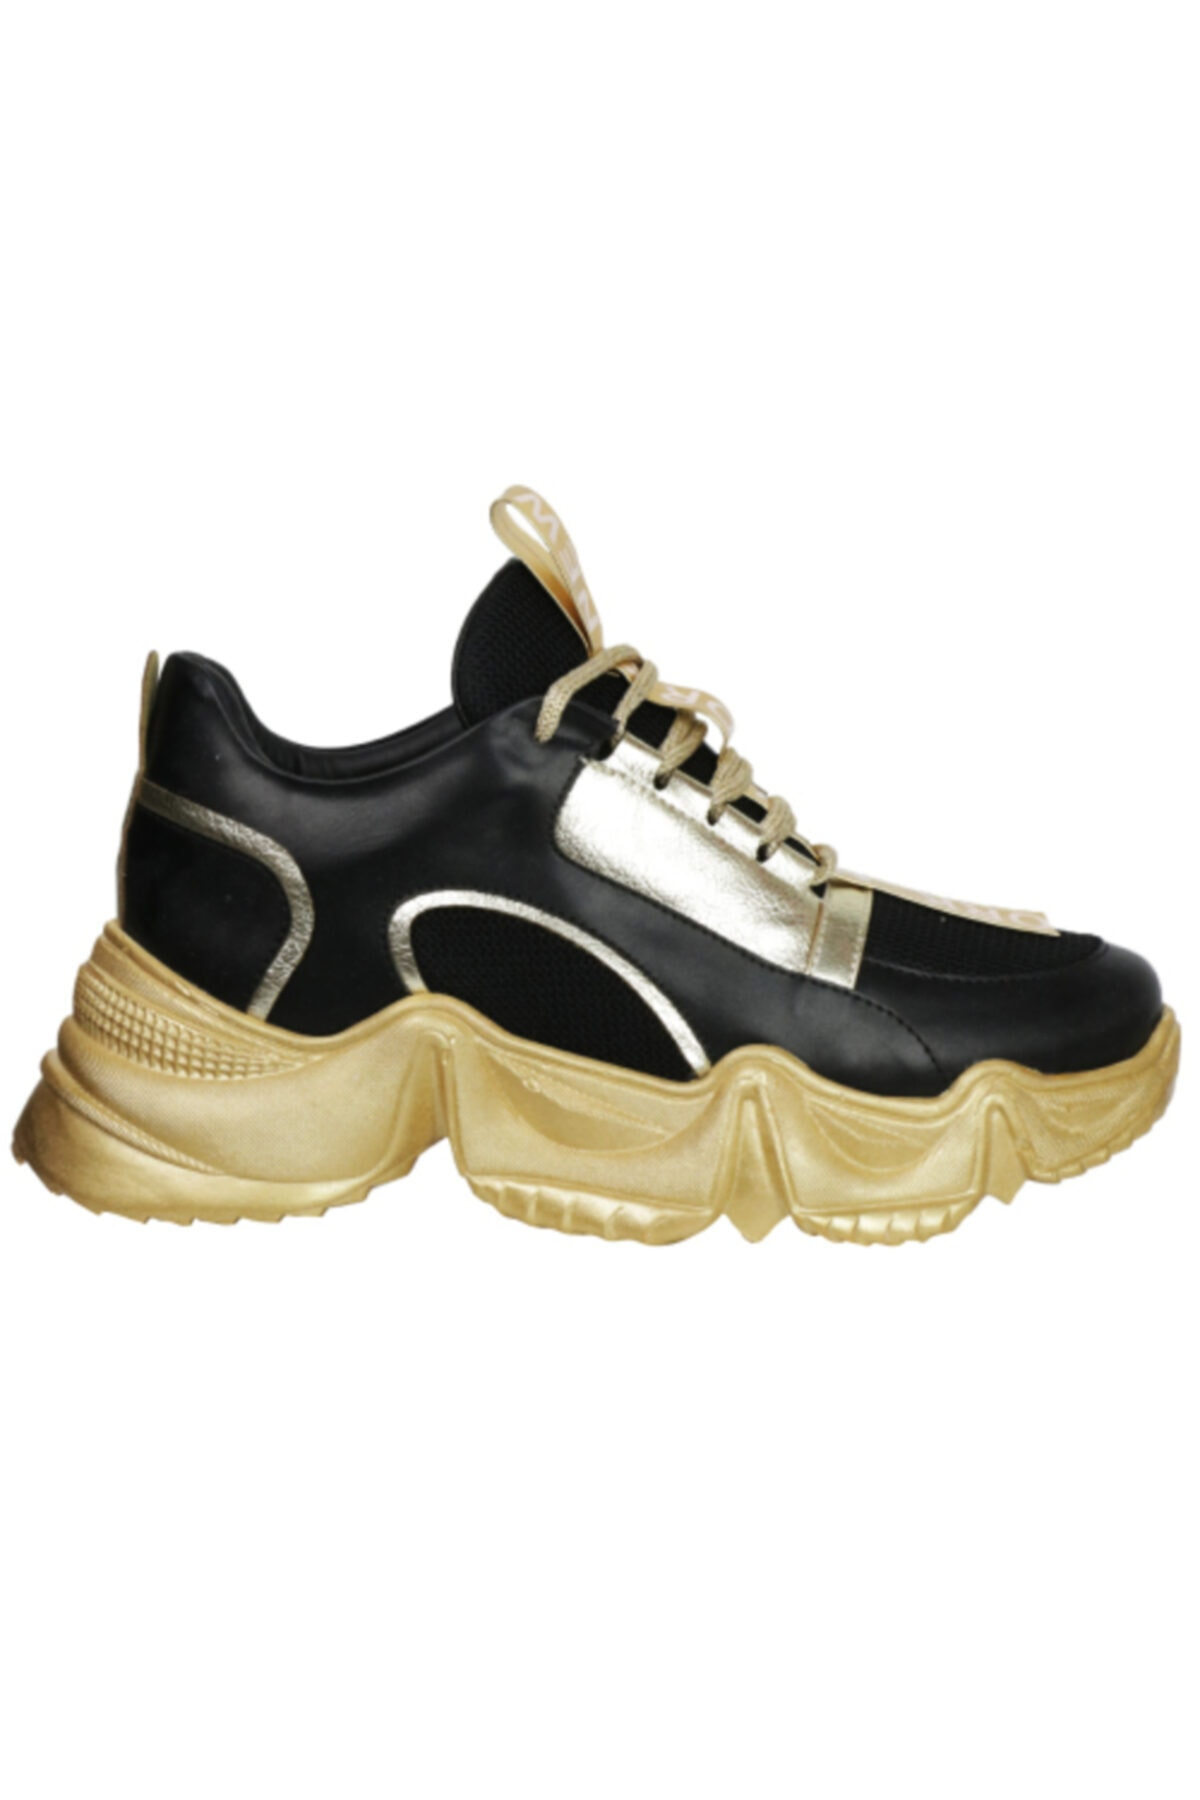 OZ DOROTHY Kadın Siyah Gold Sneaker Ayakkabı